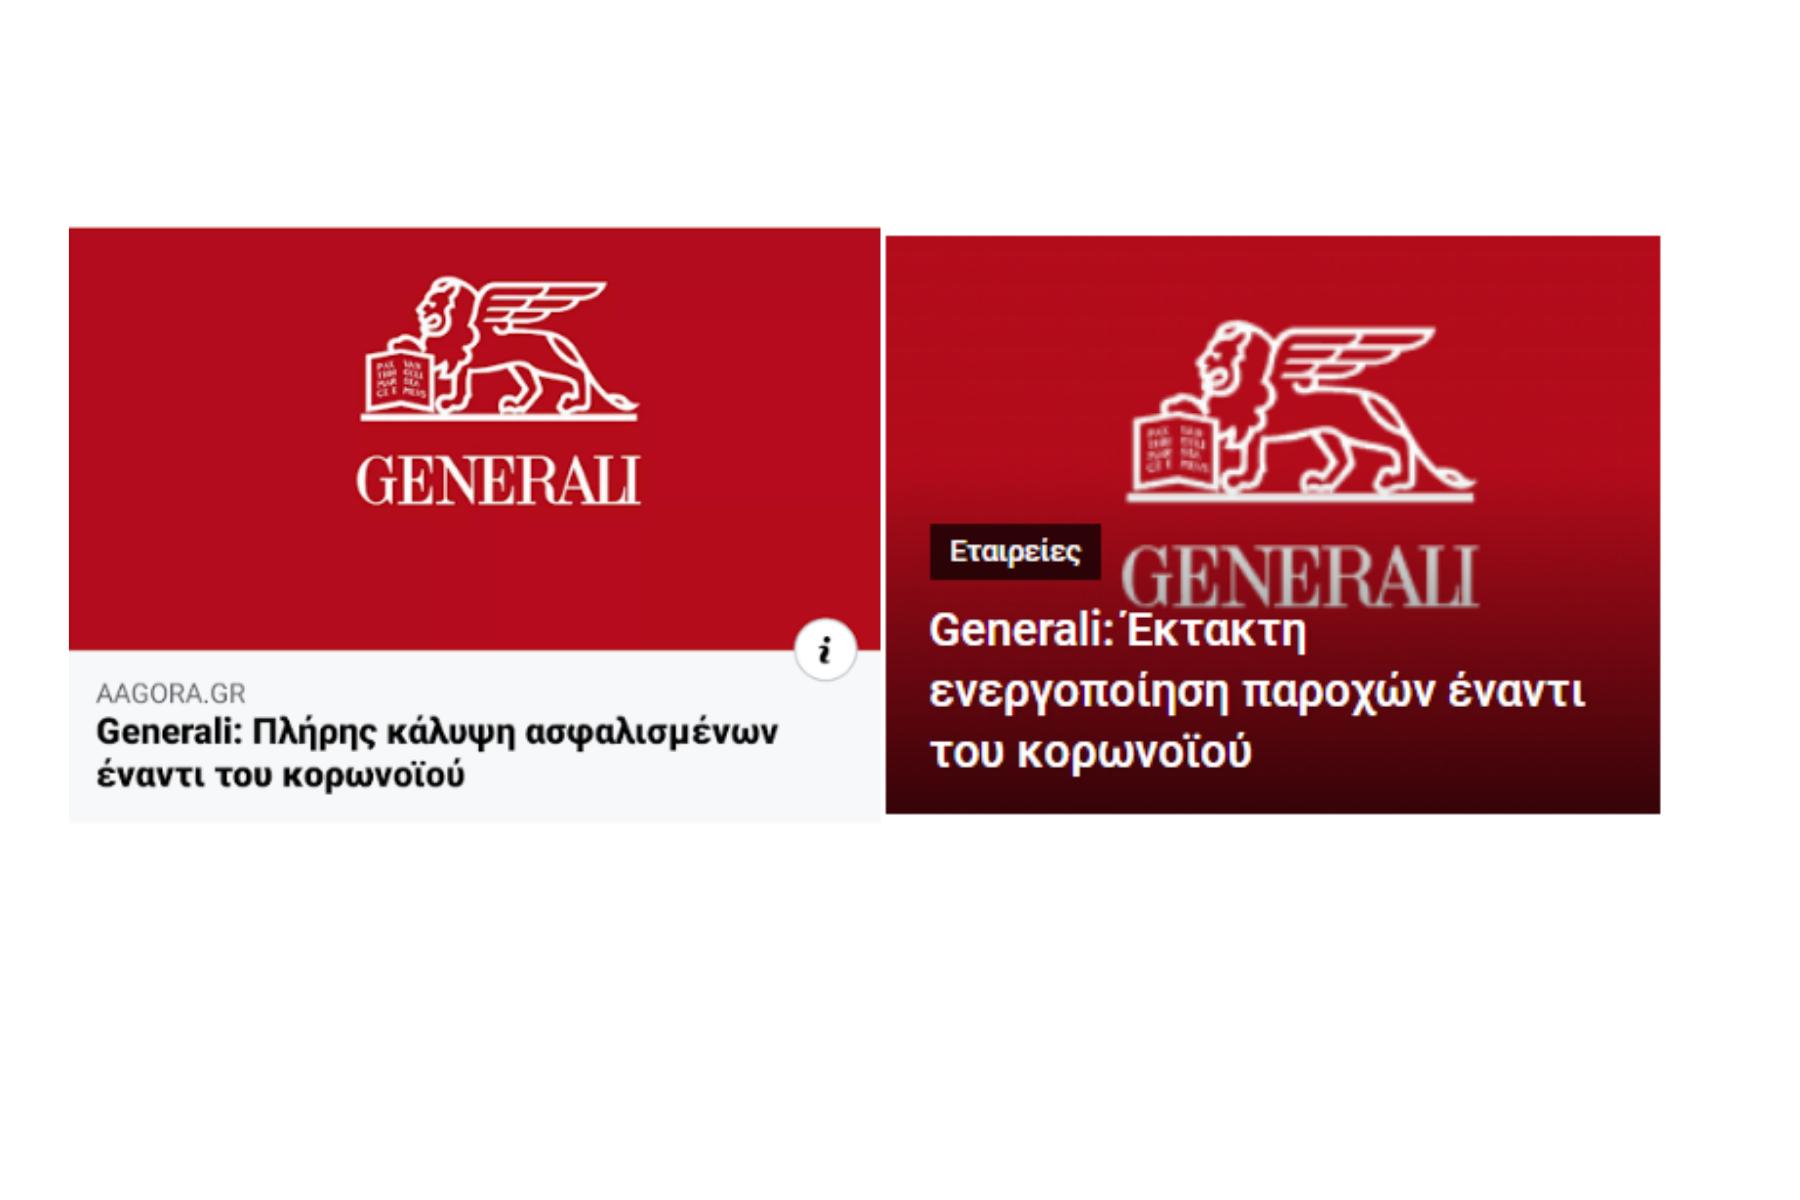 Εκεί στο aagora.gr να προσέχετε πρίν βάλετε παραπλανητικούς τίτλους 1